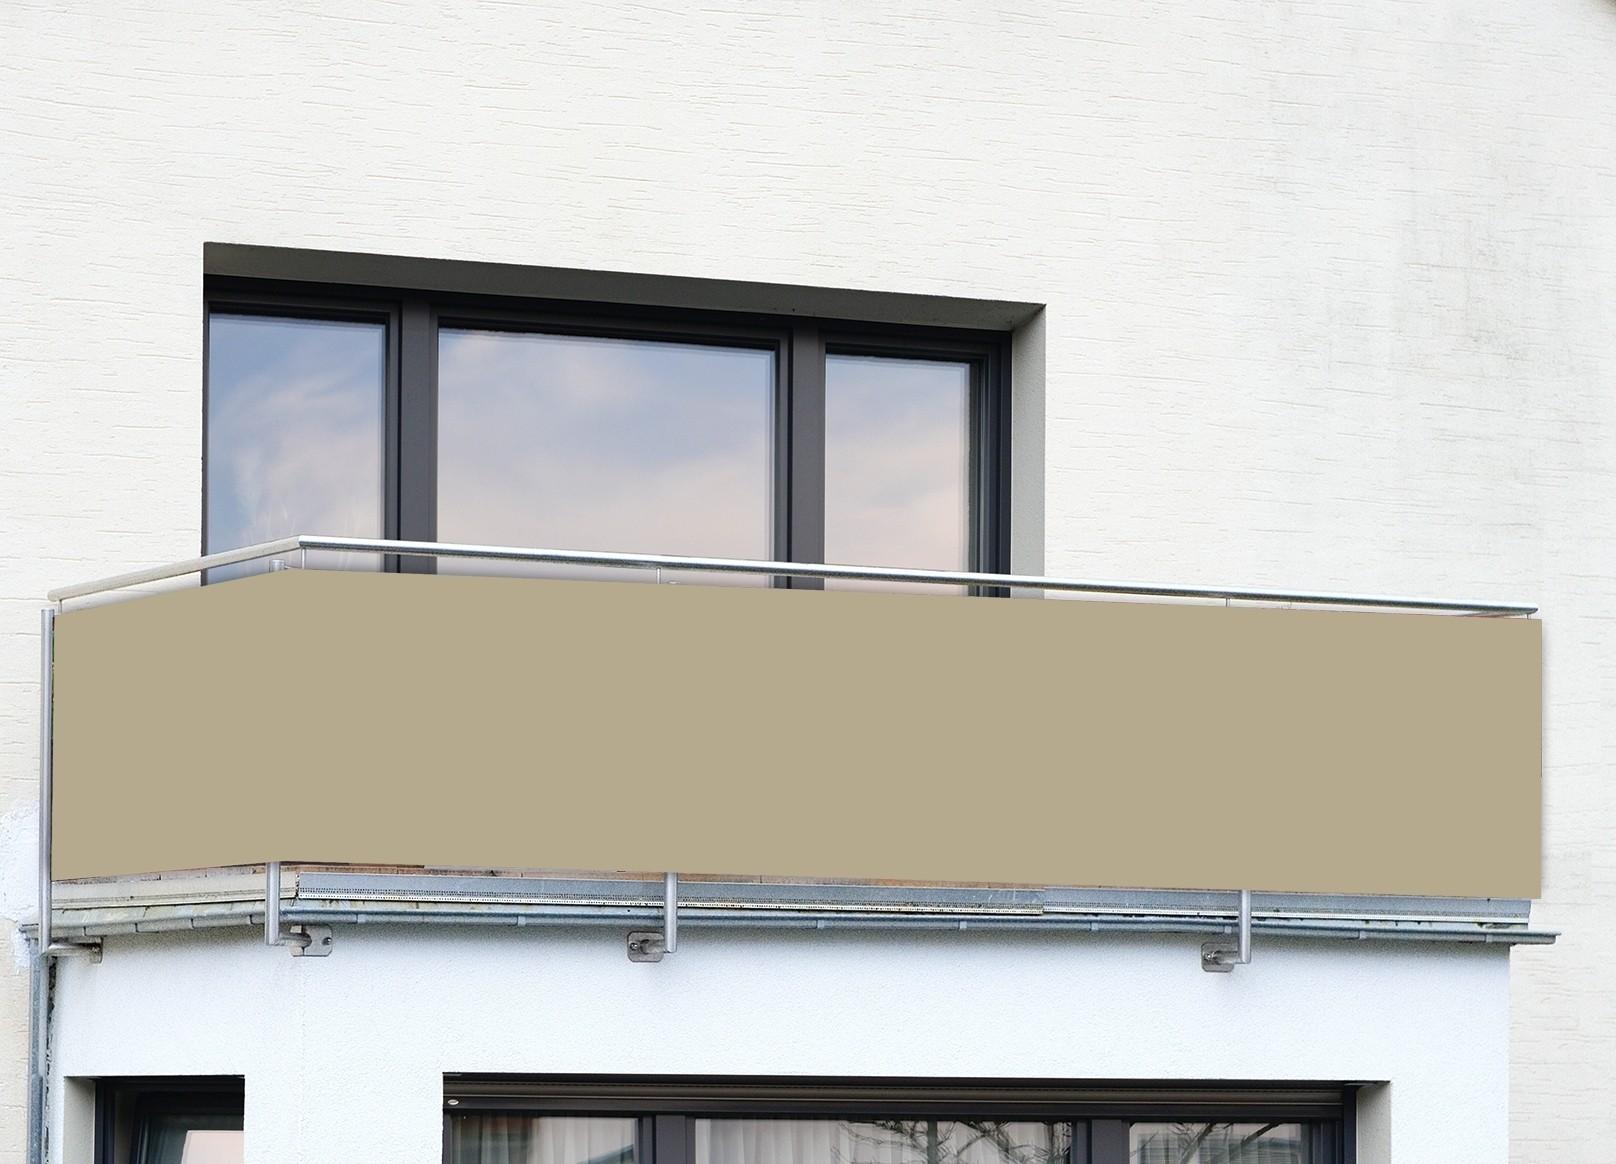 Balkon Sichtschutz Sand Uni Wenko Von Wenko Jetzt Kaufen Bei Wc